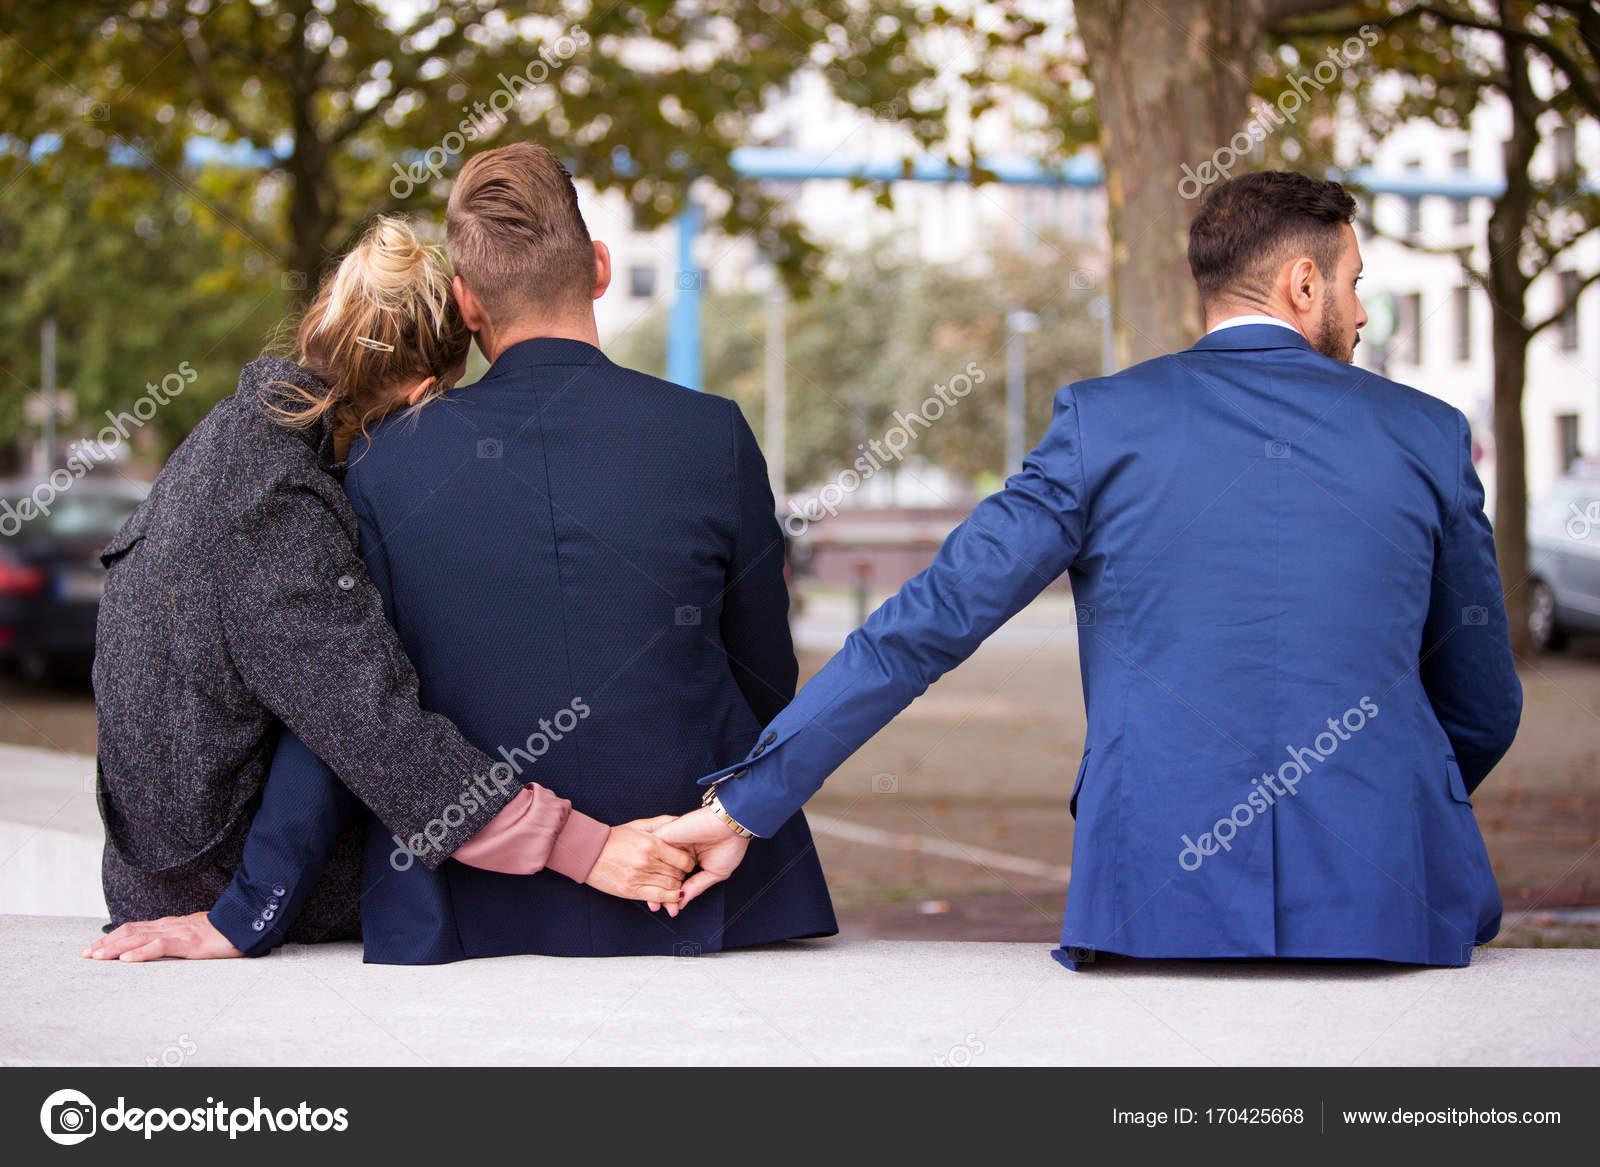 vrouw met andere man